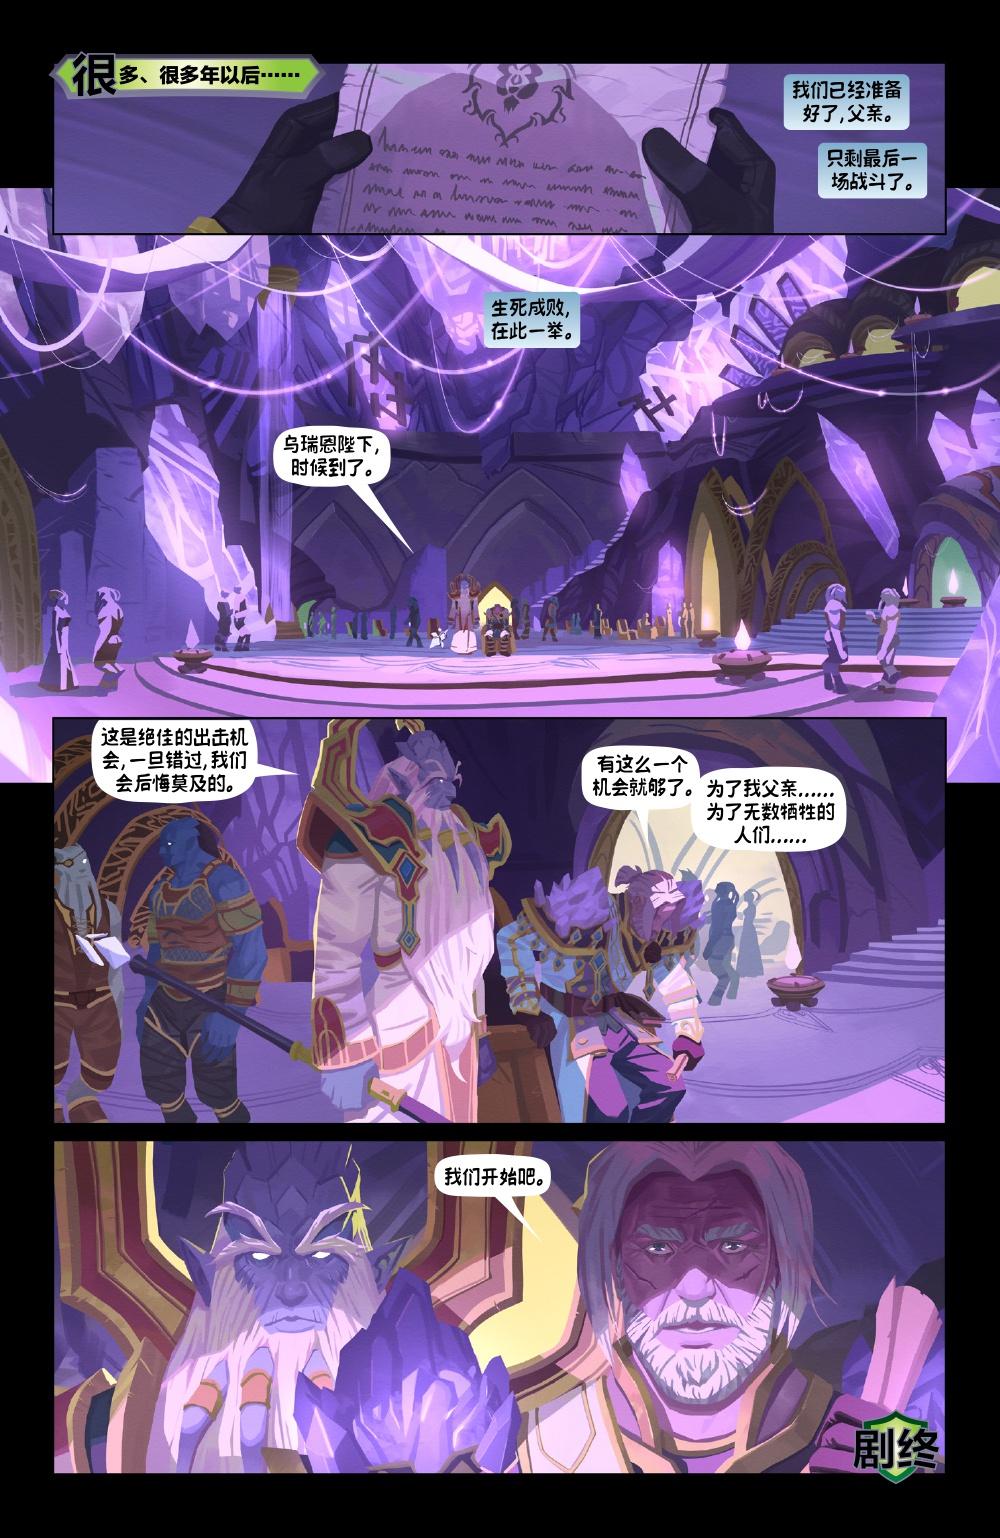 魔兽7.0军团再临官方漫画第四部 安度因:狼之子